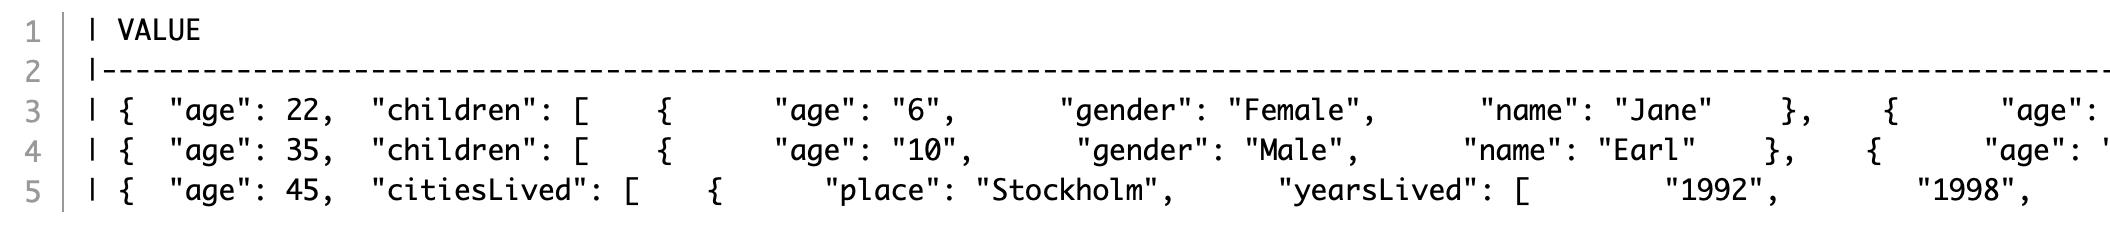 json_data